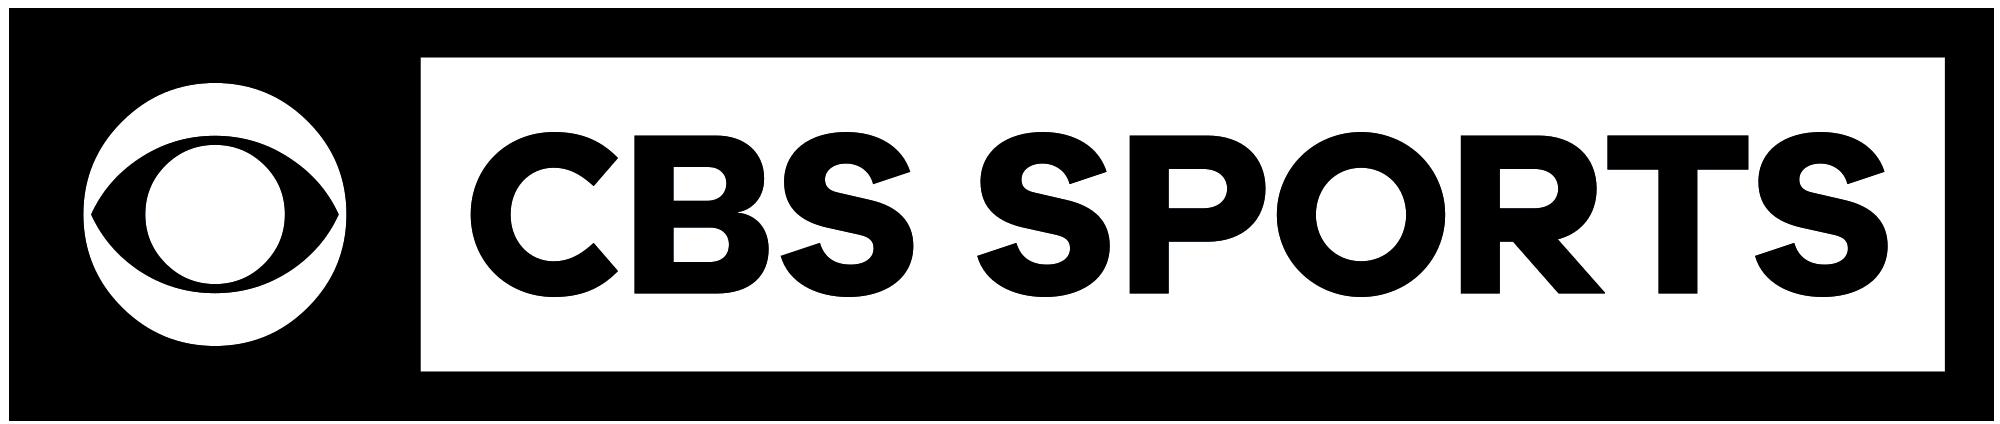 CBS logo .png